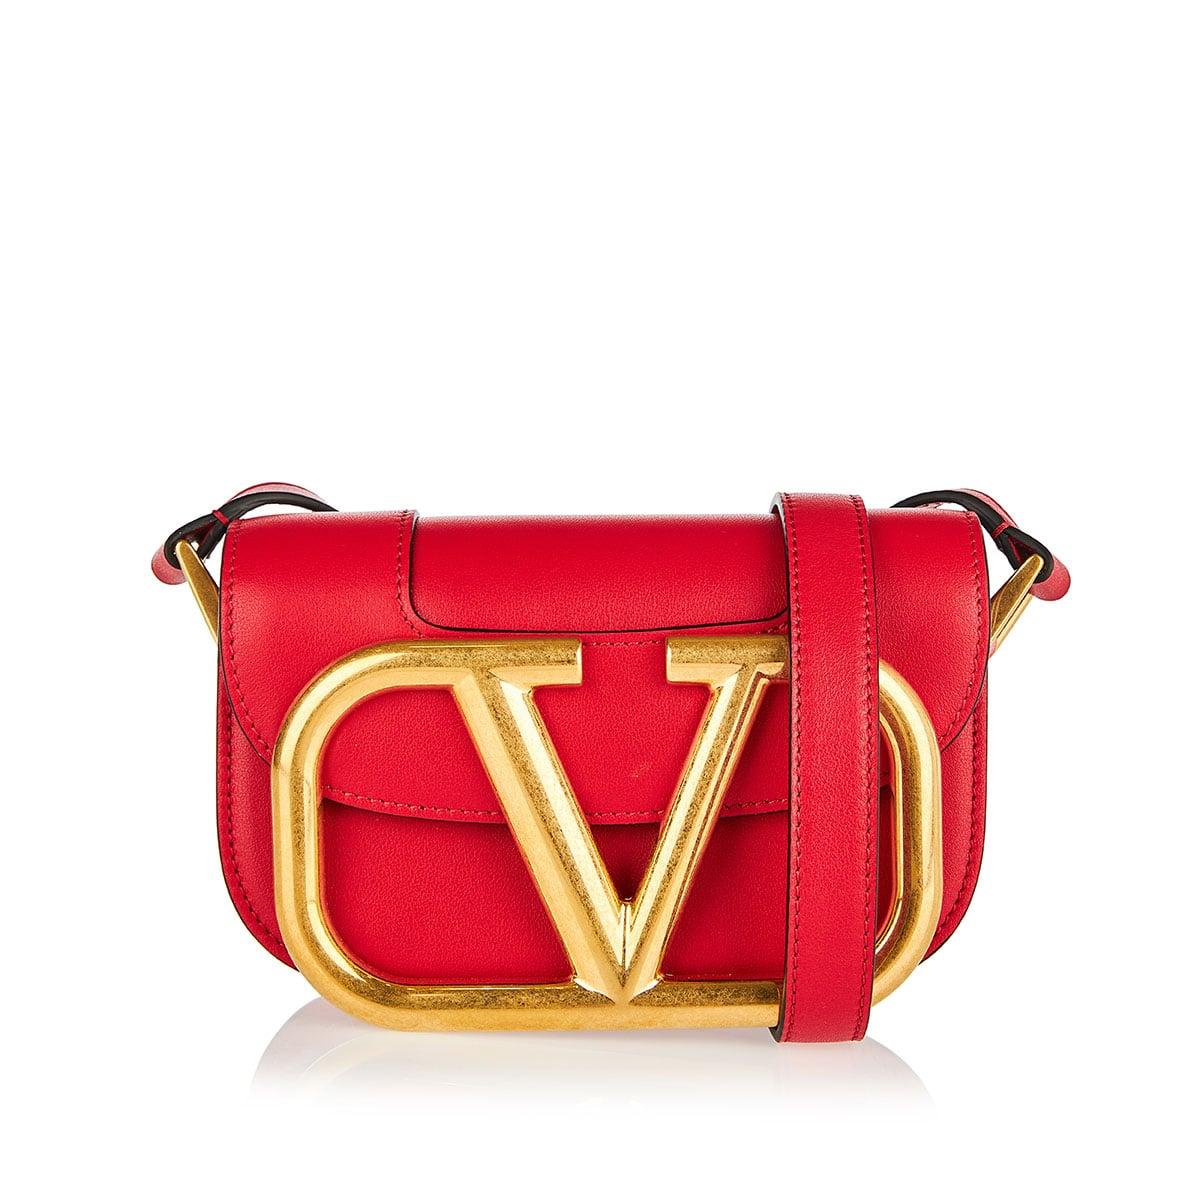 Supervee mini leather bag